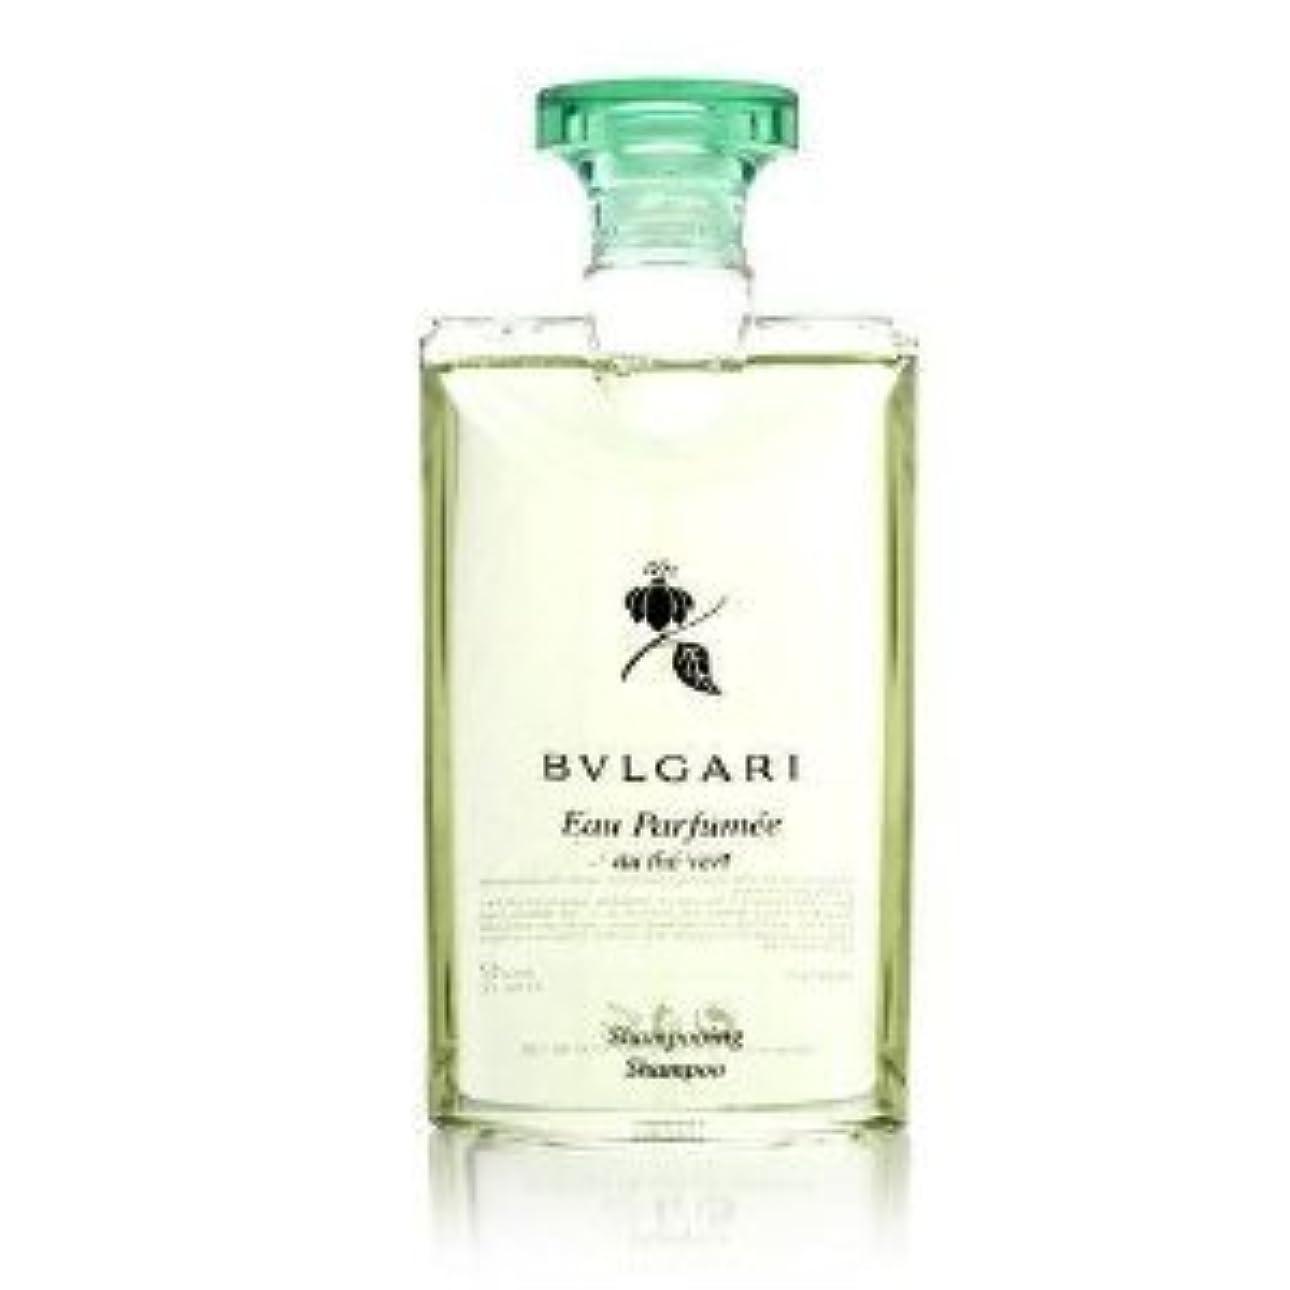 黙認するスイッチ記録Bvlgari Eau Parfumee au the vert (ブルガリ オー パフュ-メ オウ ザ バート / グリーン ティー) 2.5 oz (75ml) シャンプー